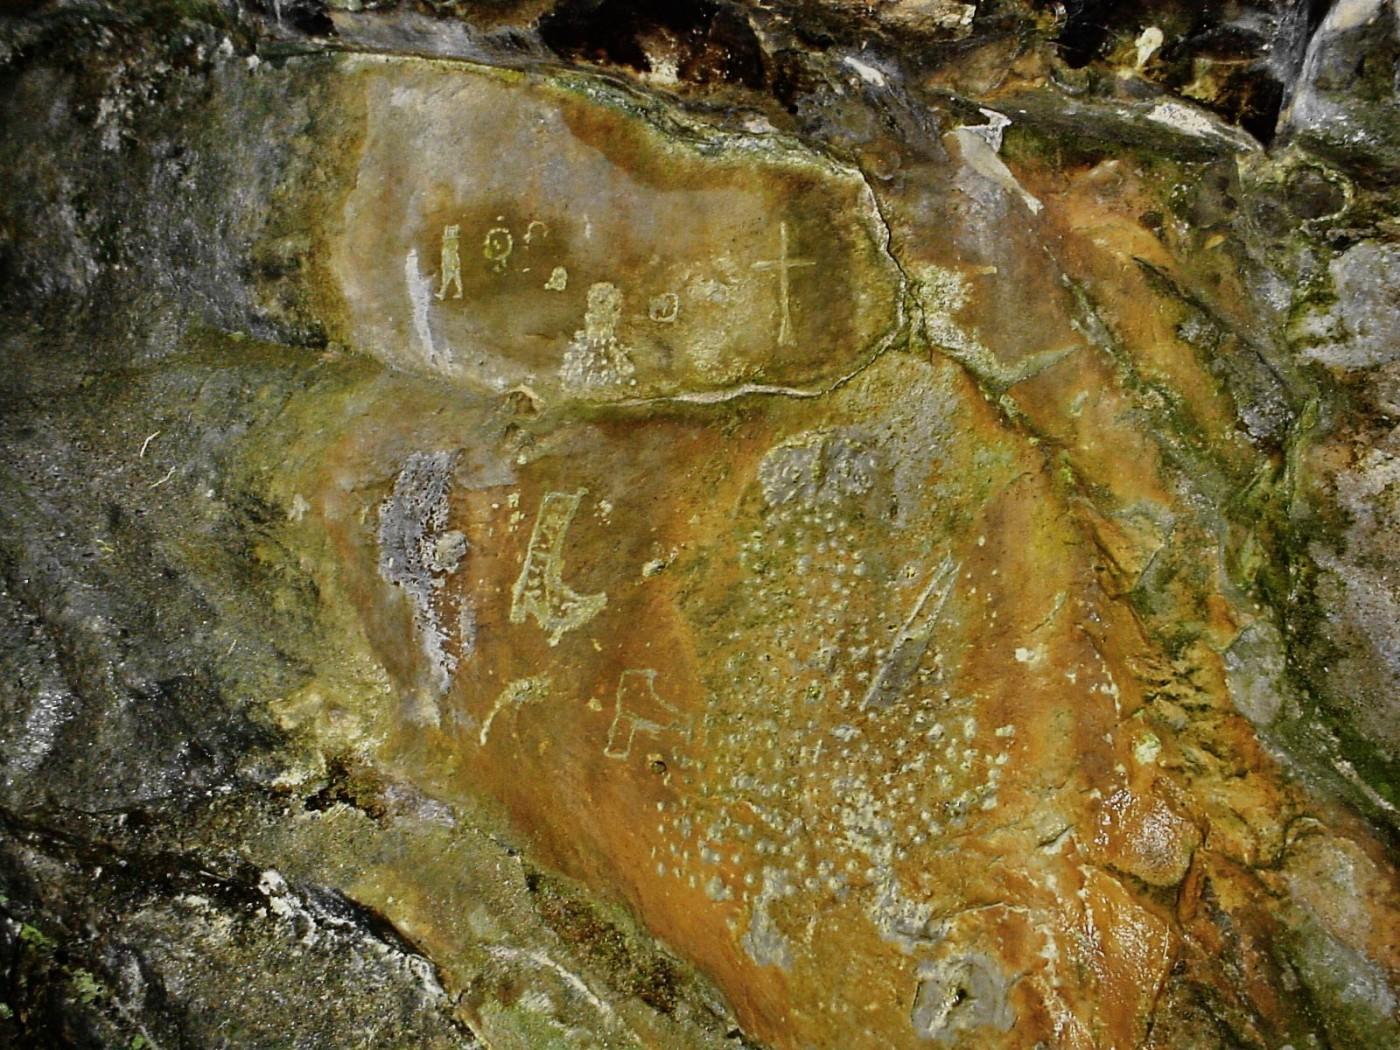 La paretina istoriata del riparo sotto roccia